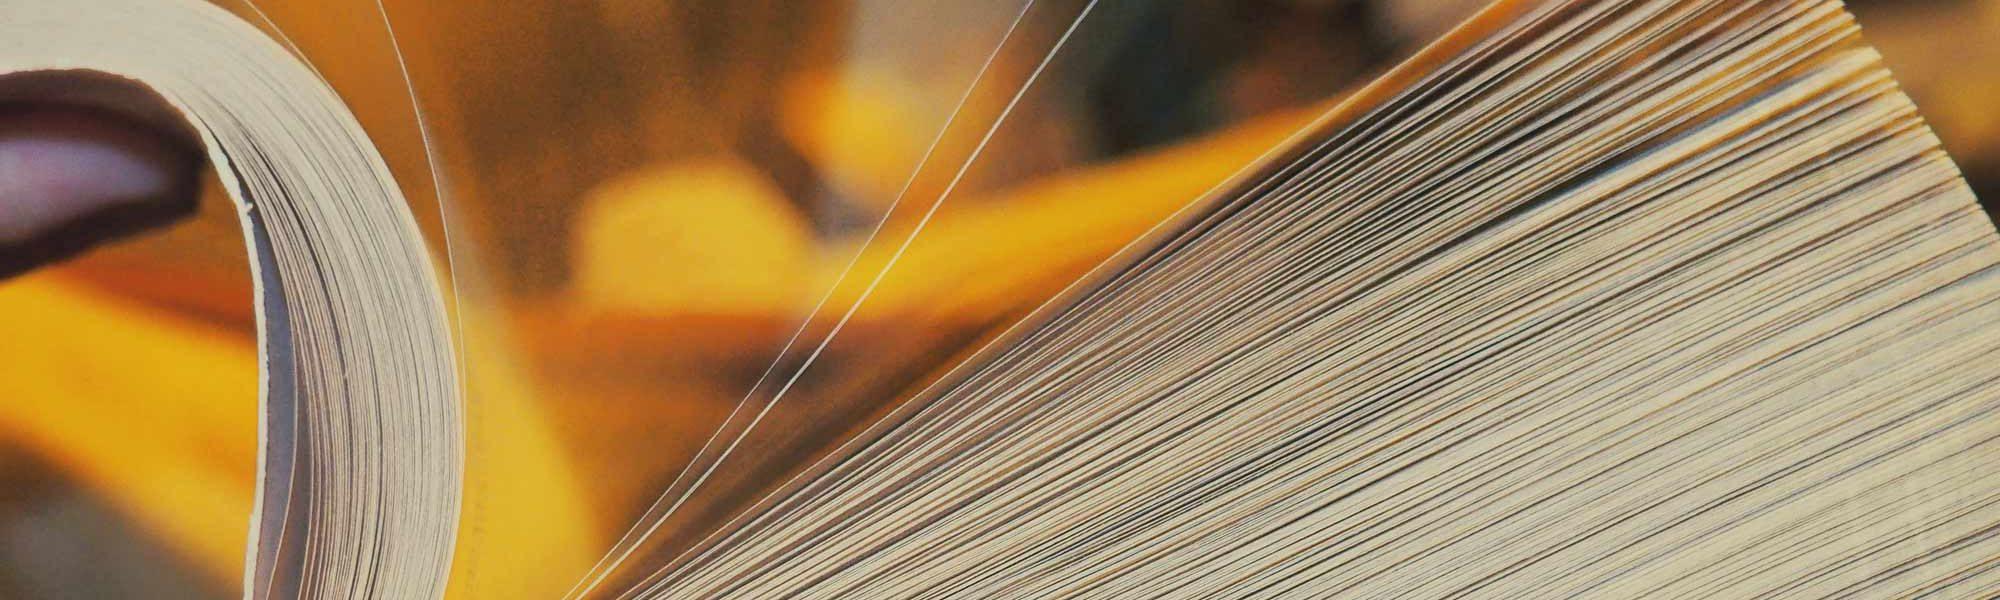 ada-book